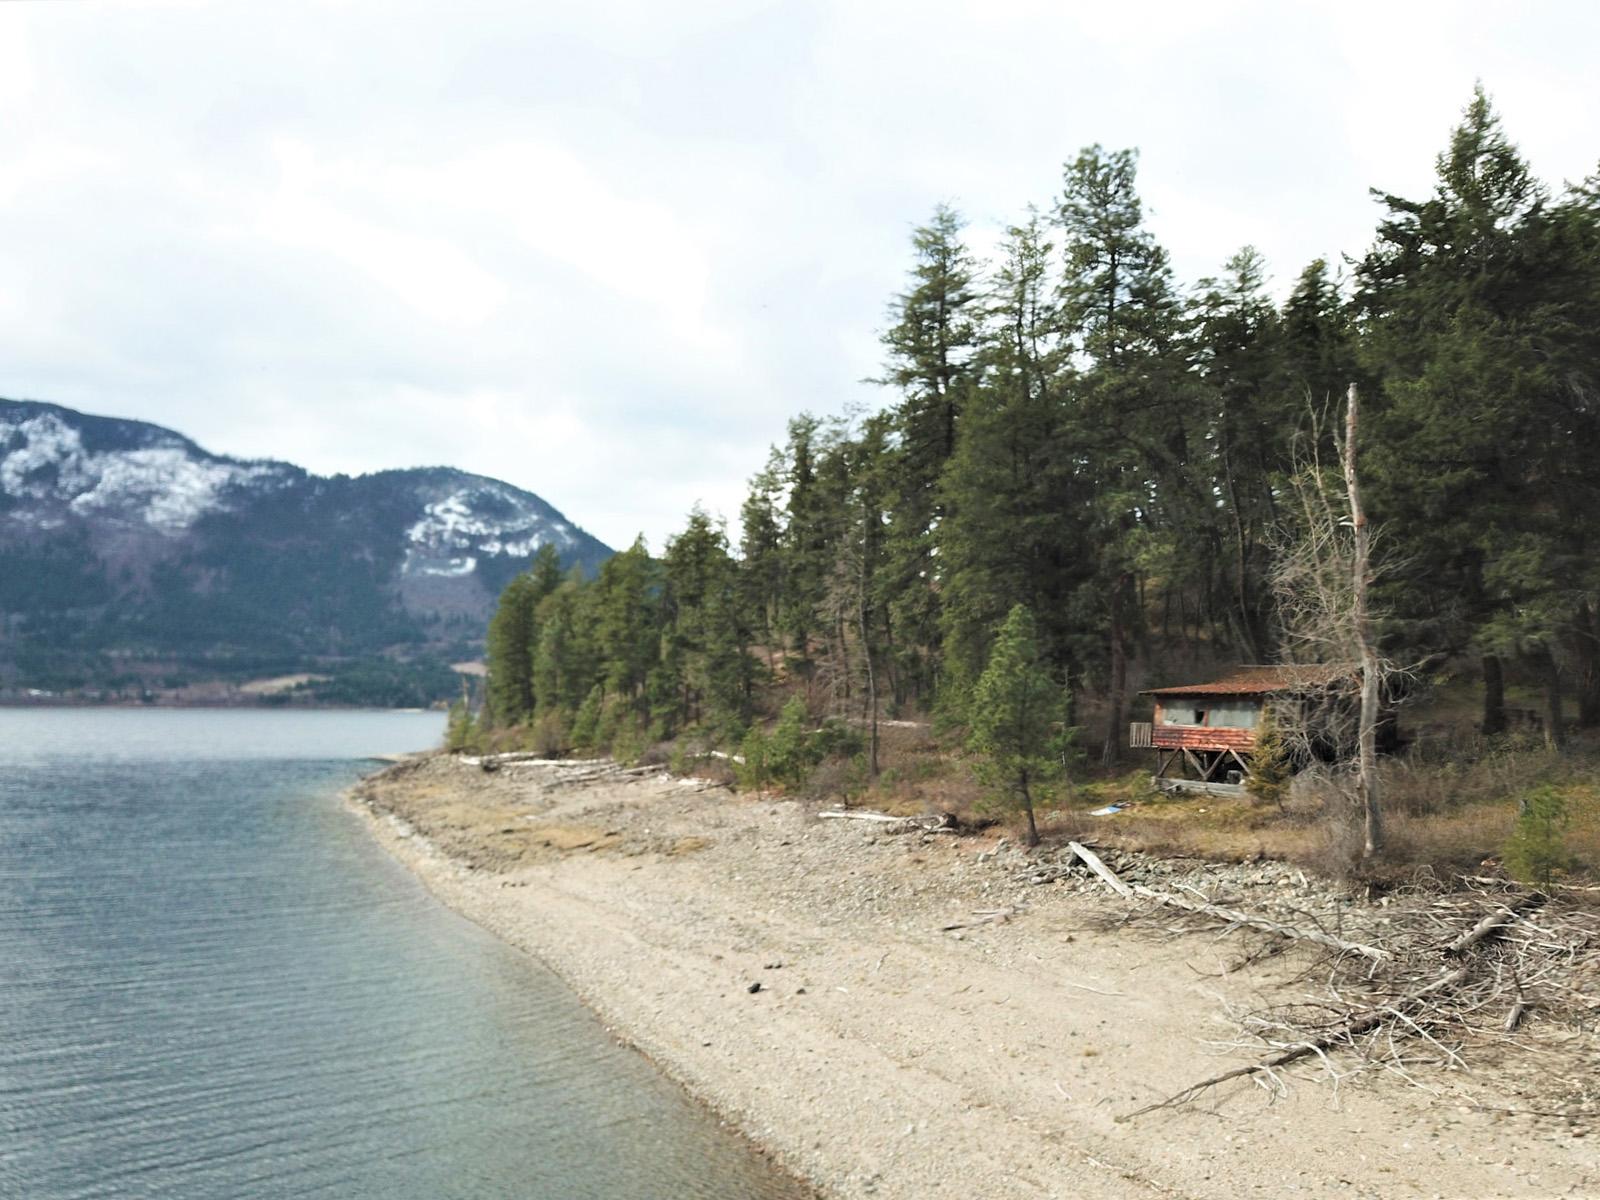 Little shuswap lake 01